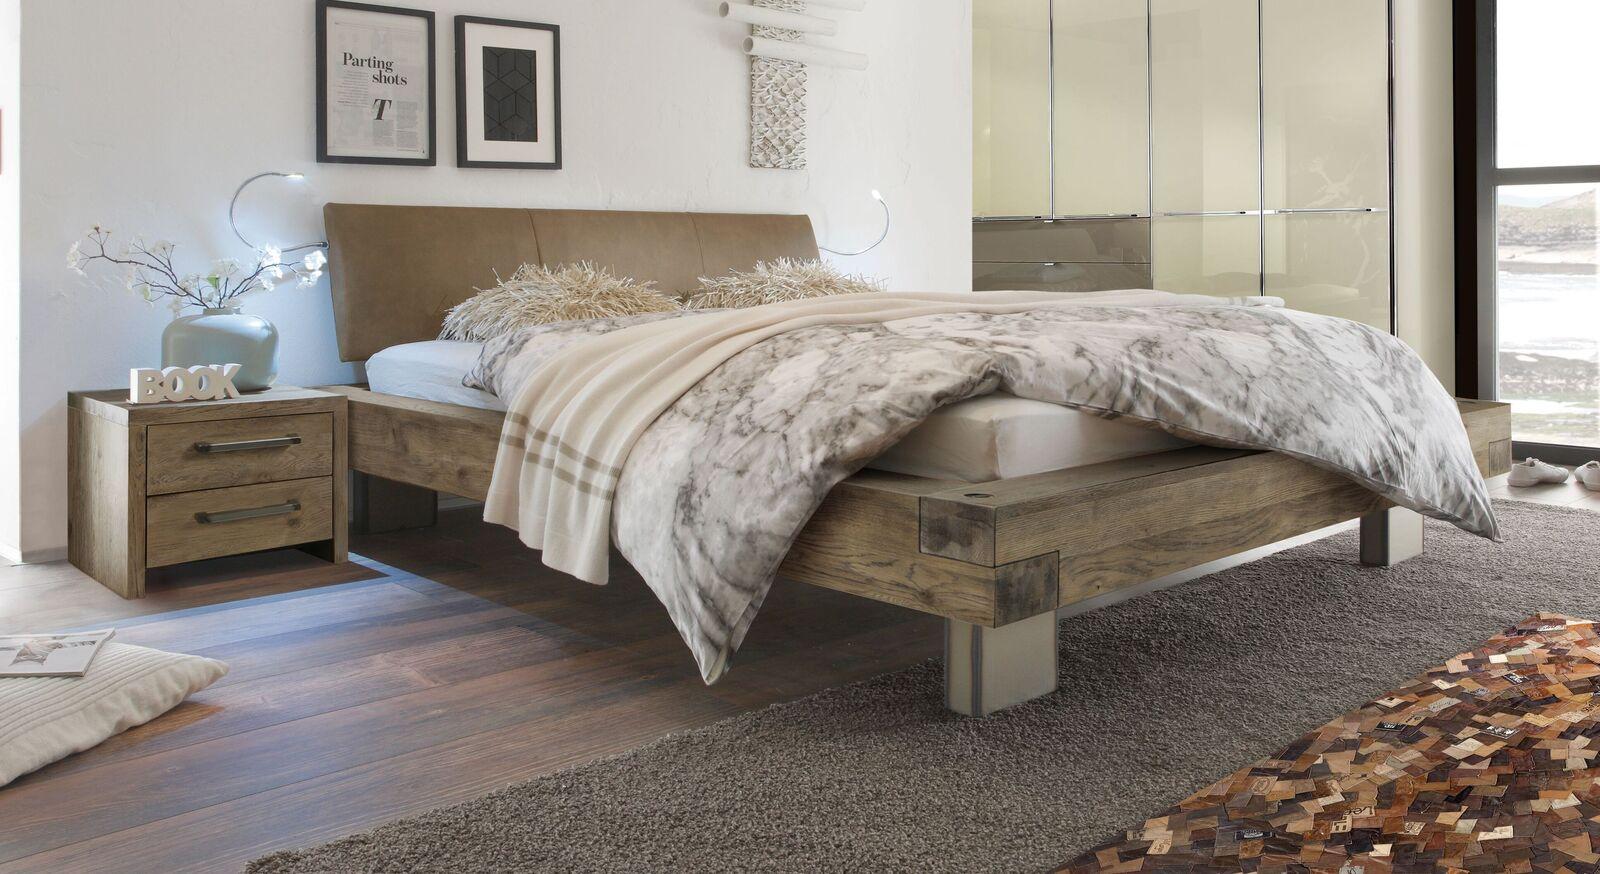 Holzbett Limeira in Terrabraun mit hellbraunem Luxus-Kunstleder